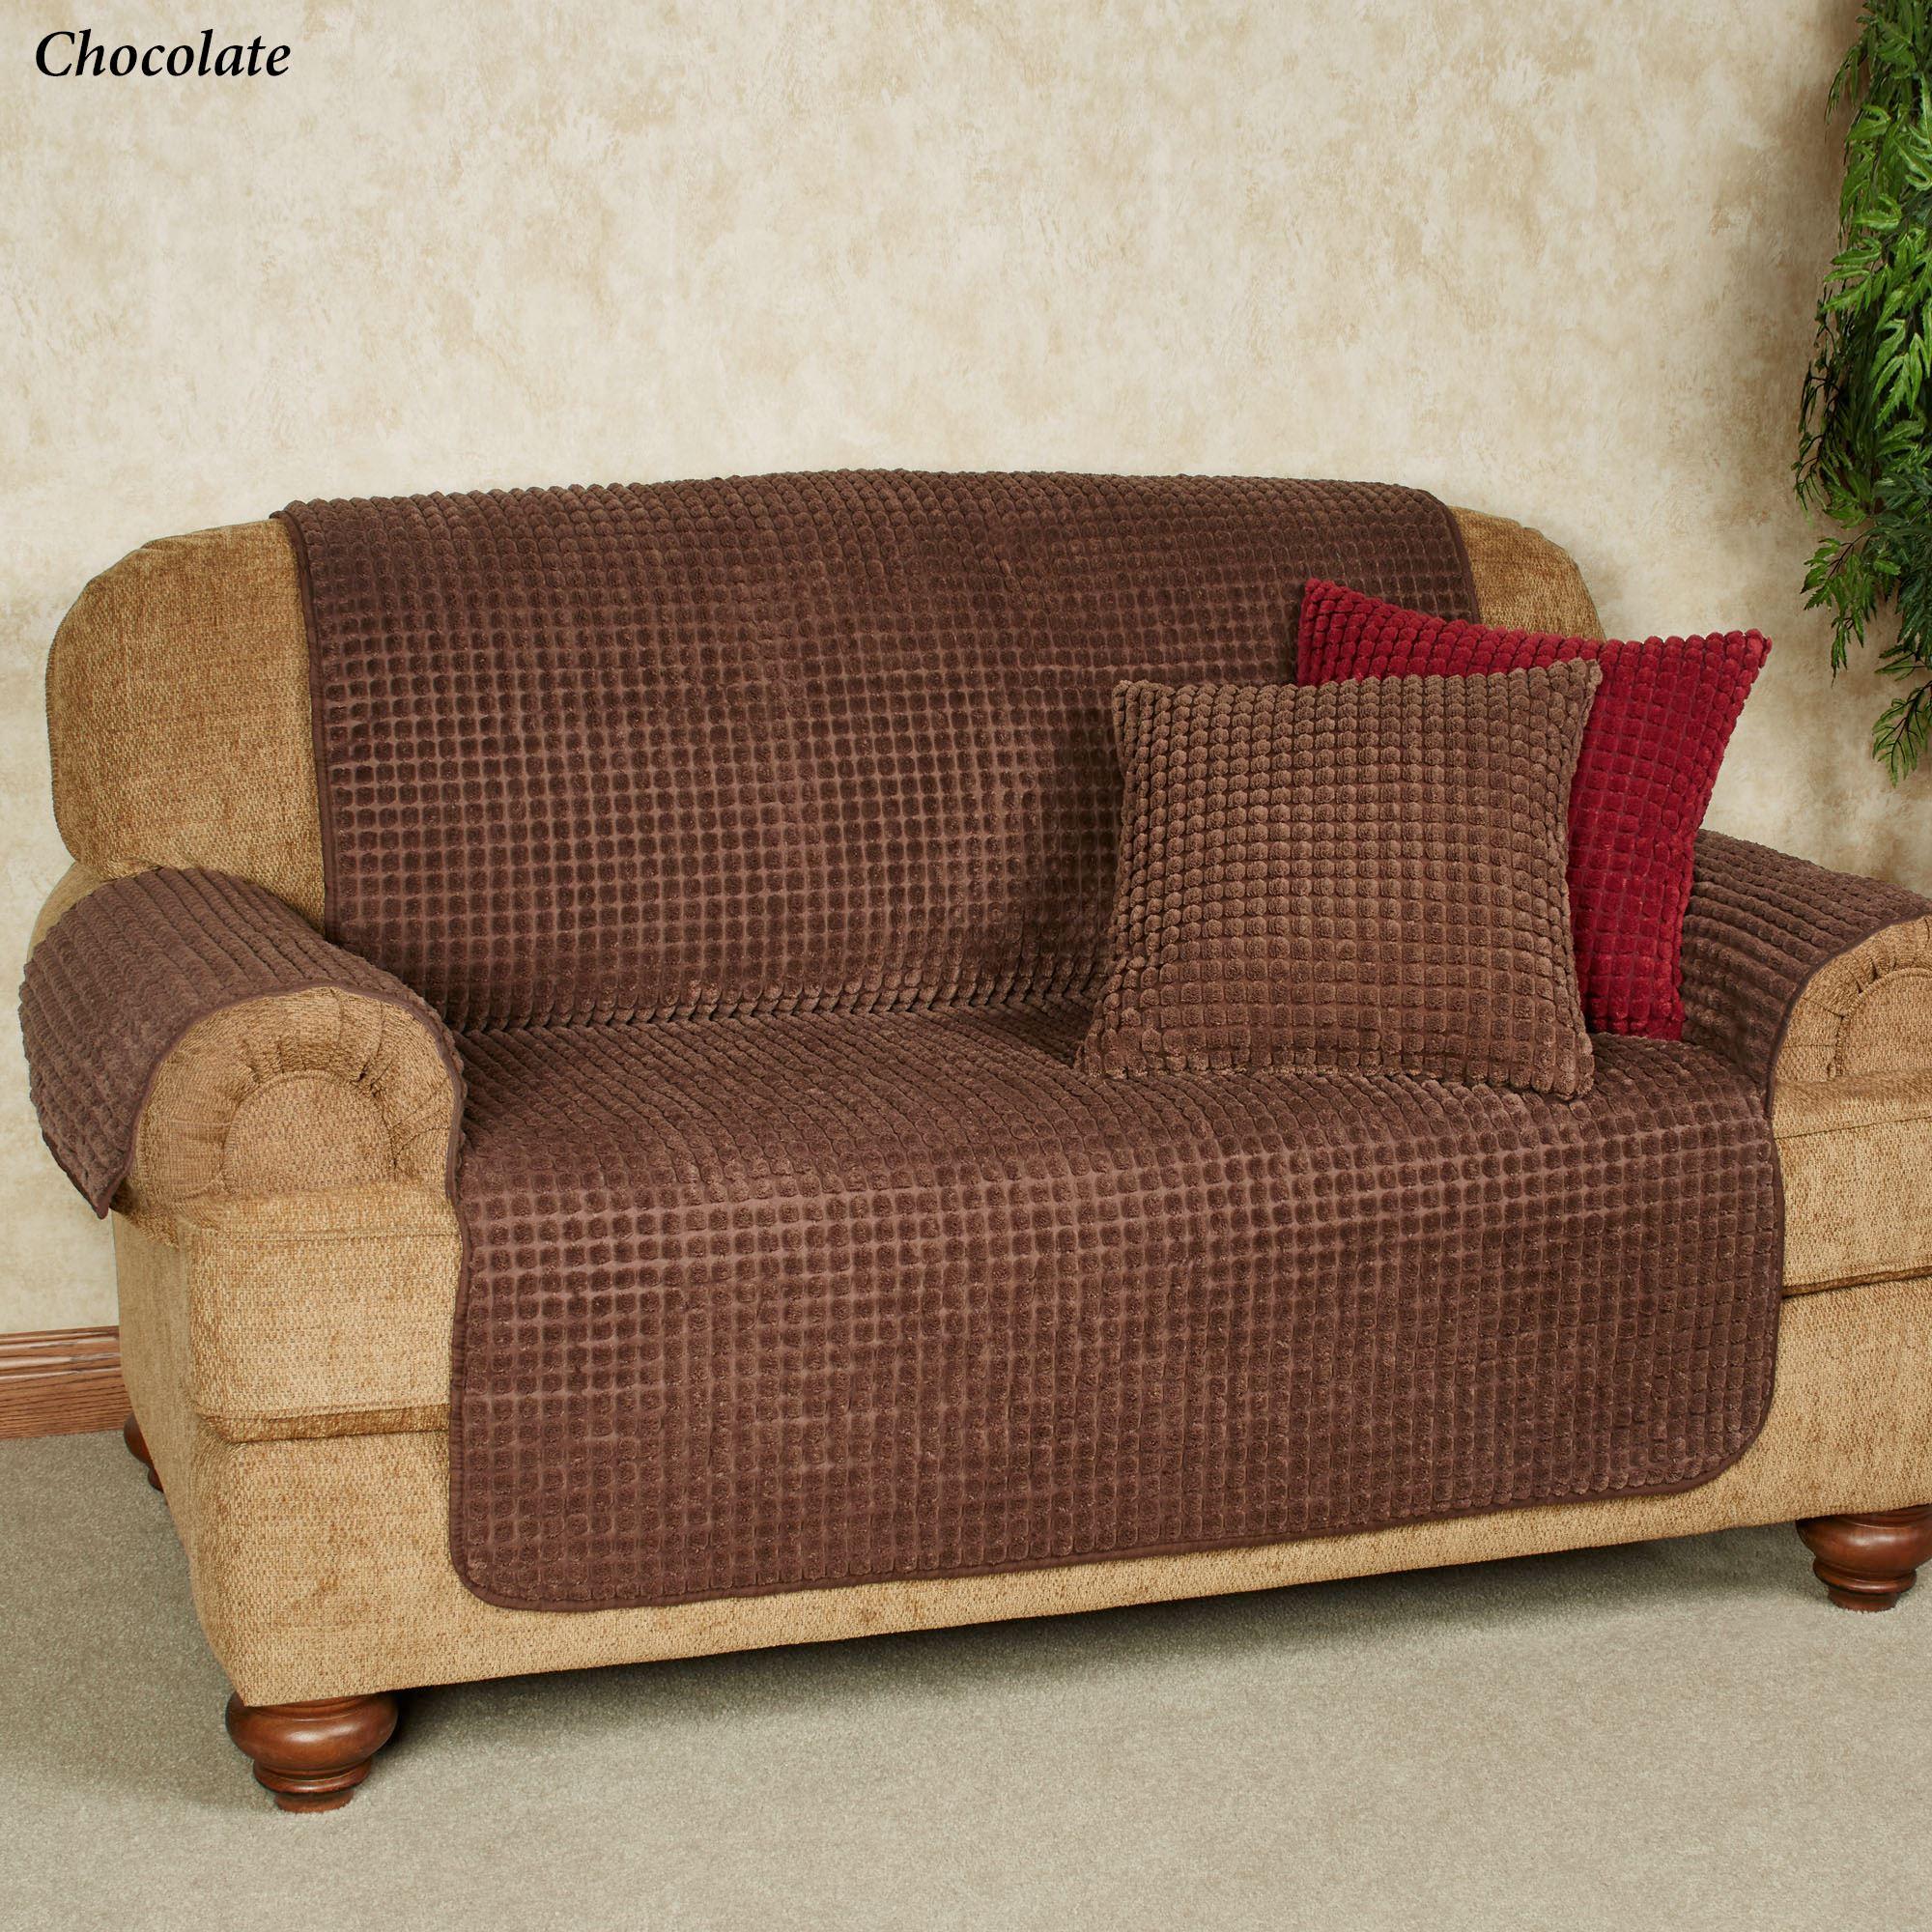 Premier Puff Furniture Cover in Chocolate